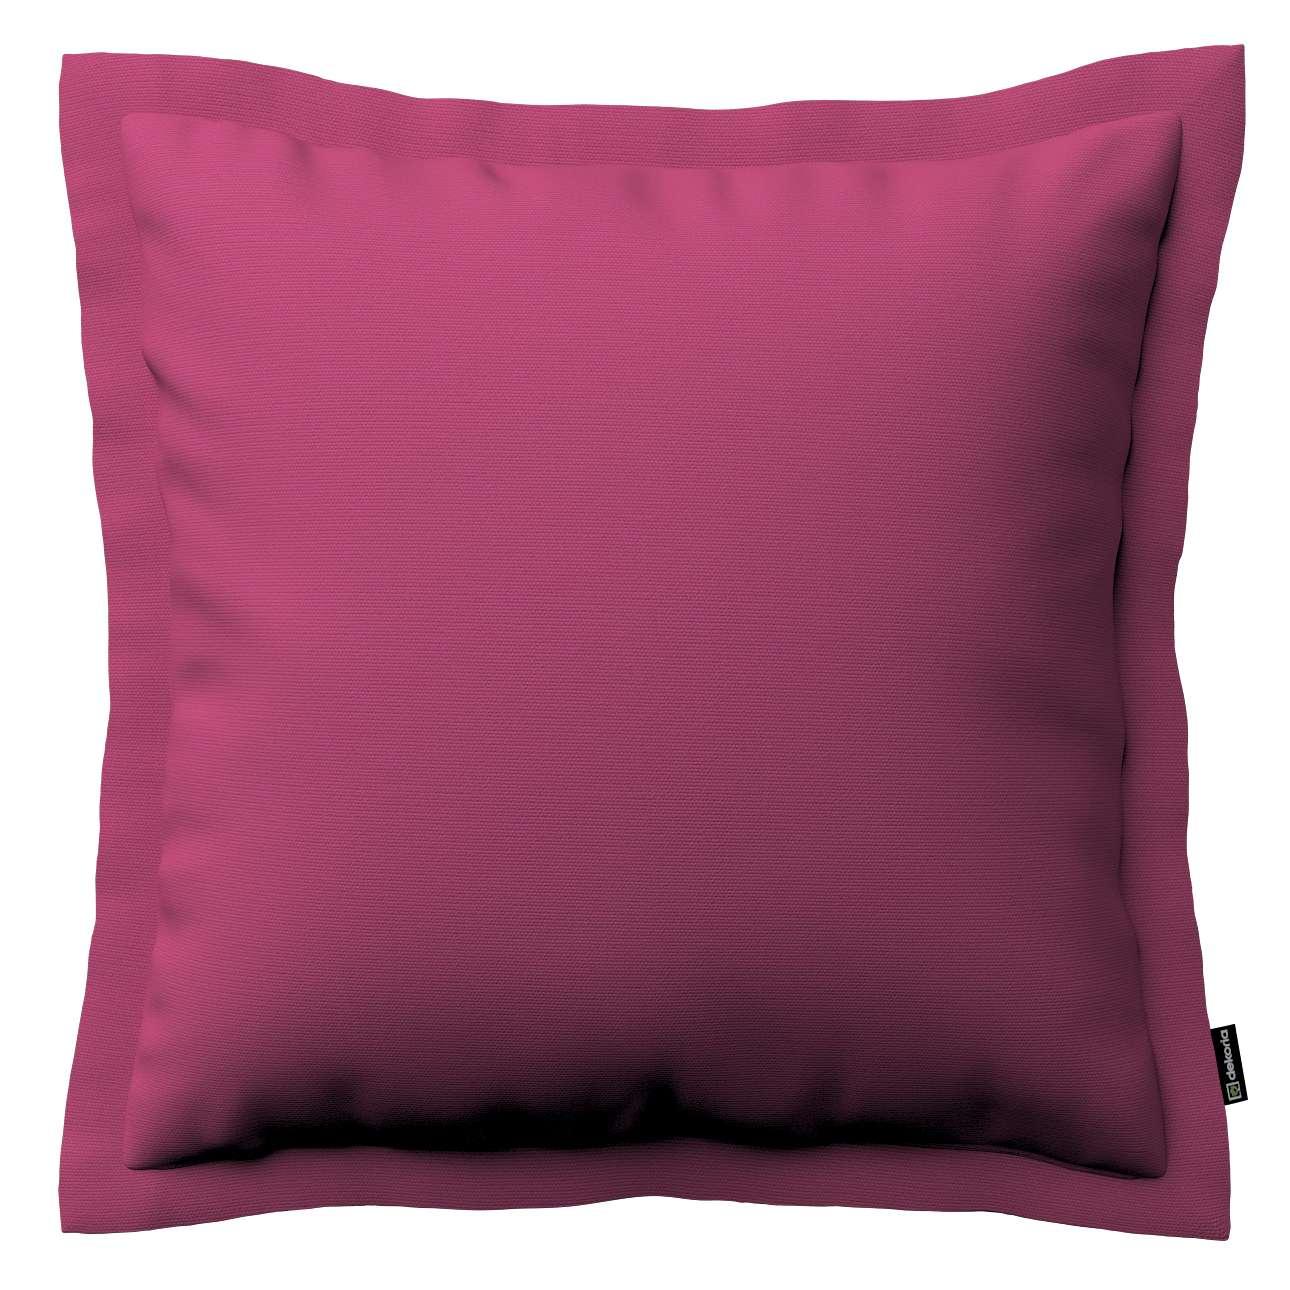 Mona dekoratyvinių pagalvėlių užvalkalas su sienele 45 x 45cm kolekcijoje Cotton Panama, audinys: 702-32